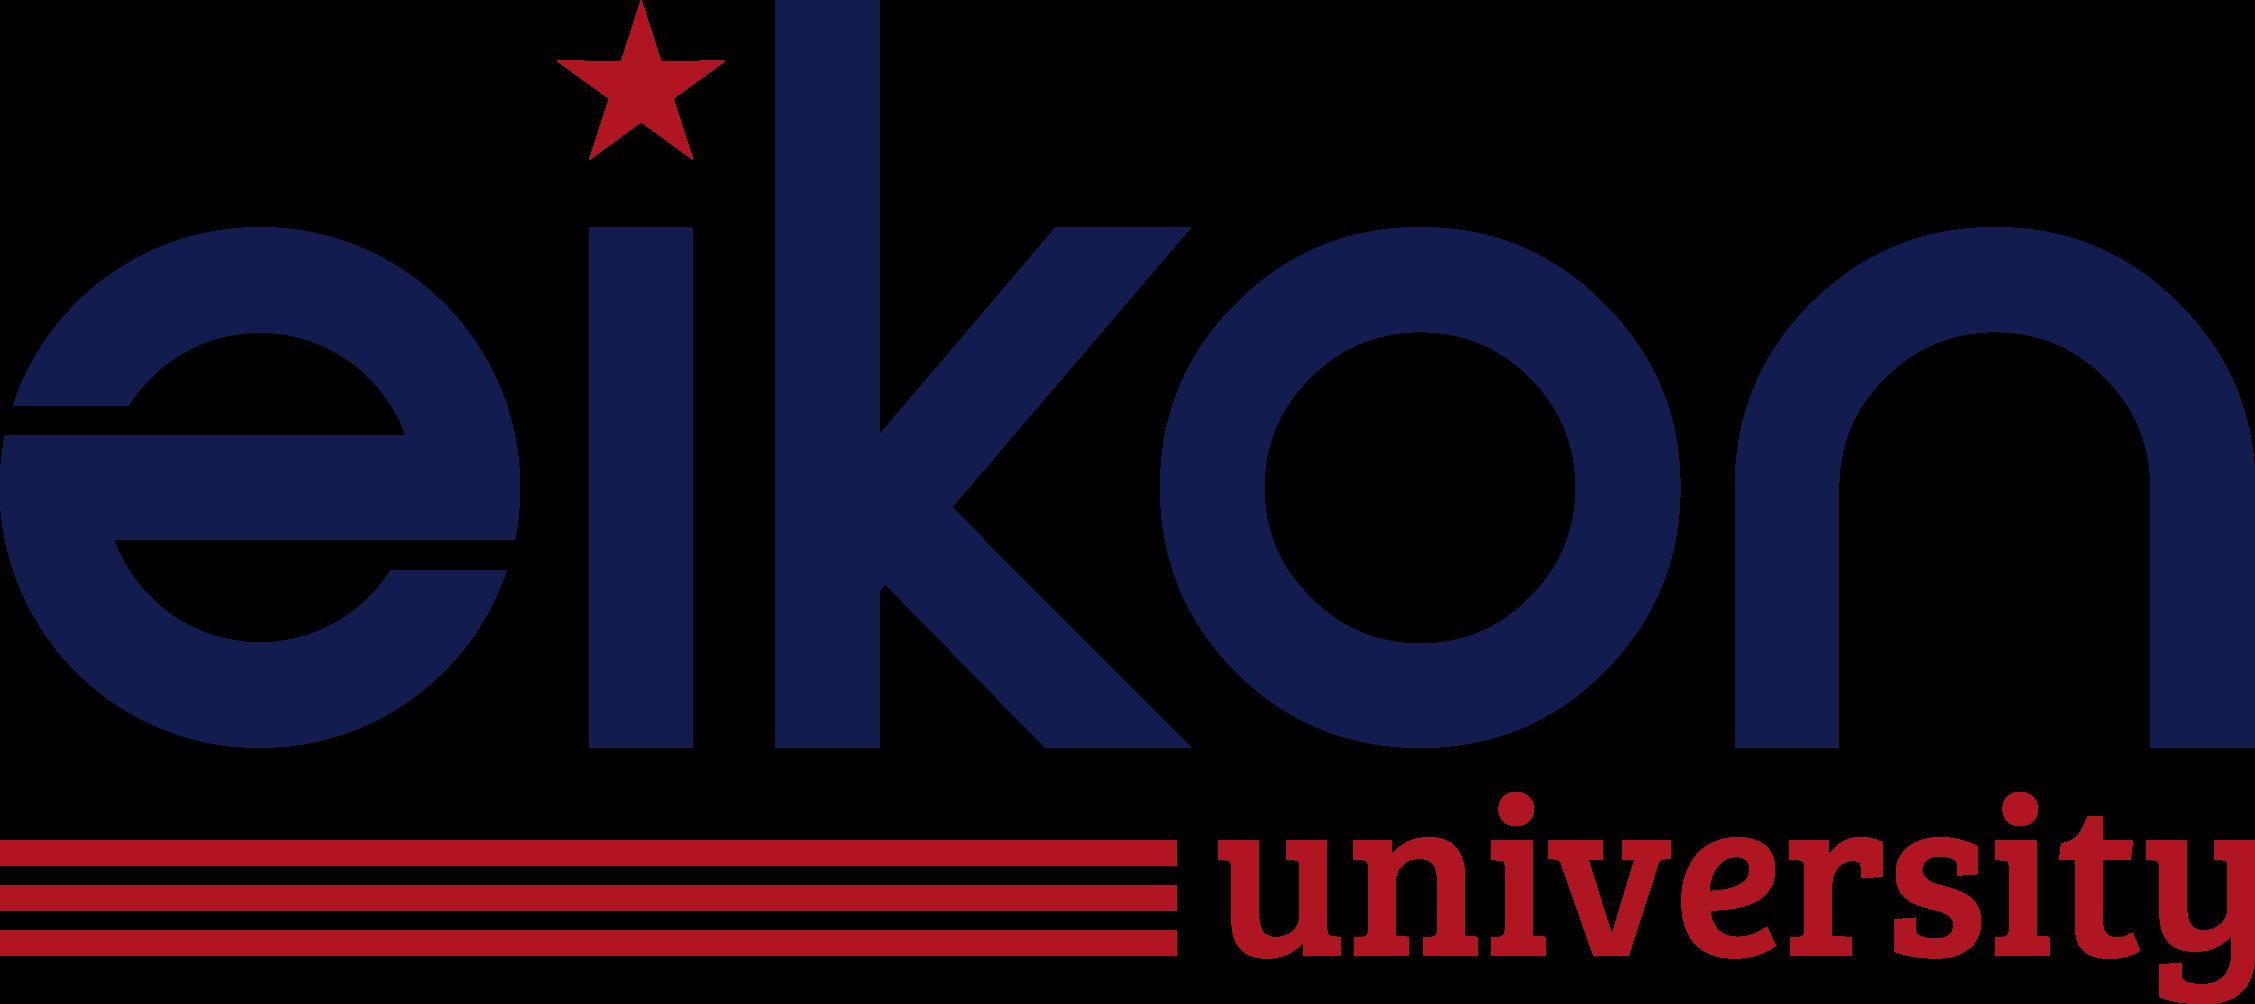 Eikon University